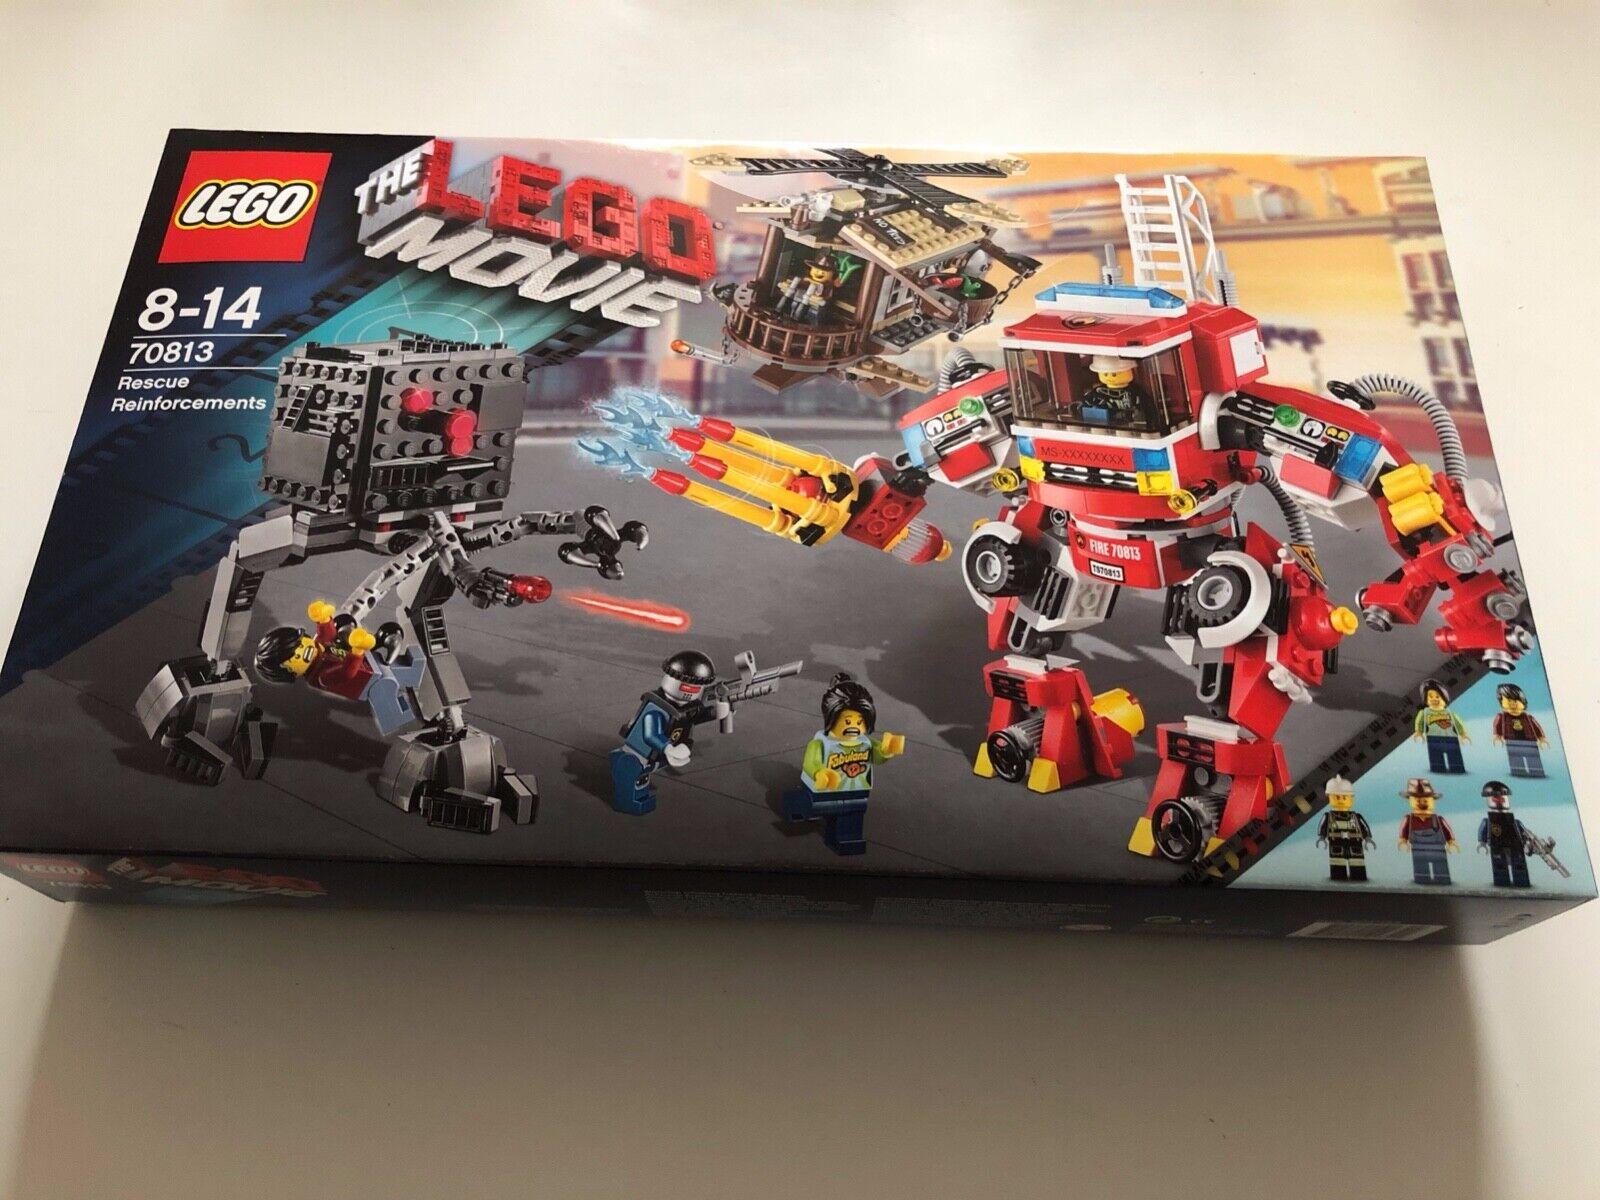 LEGO MOVIE 70813   LES RENFORTS  RESCUE REINFORCEMENTS  BOITE NEUVE SCELLEE